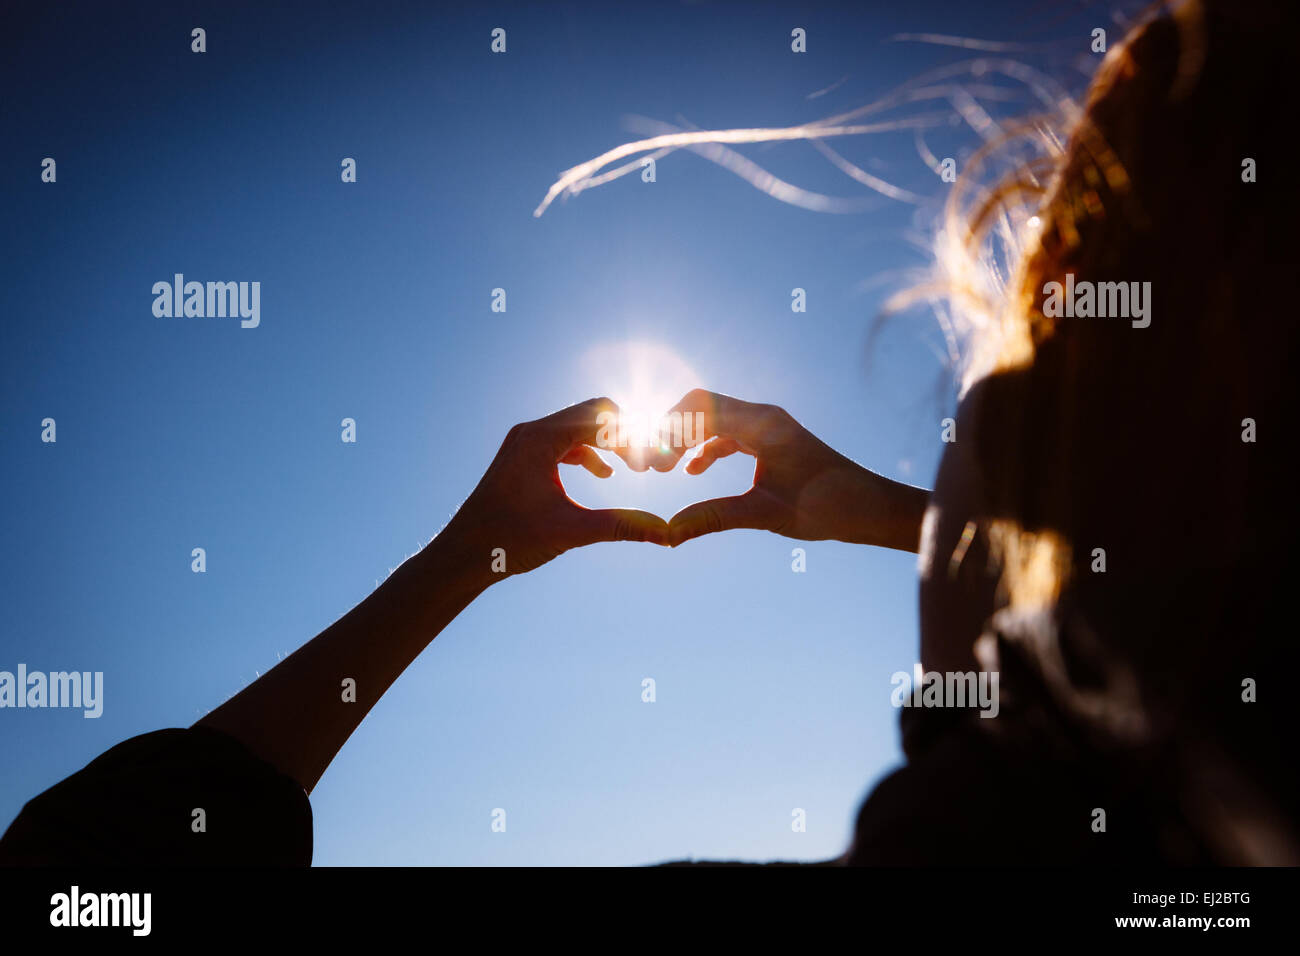 Las manos haciendo el amor en forma de señal brillante cielo azul. Imagen De Stock